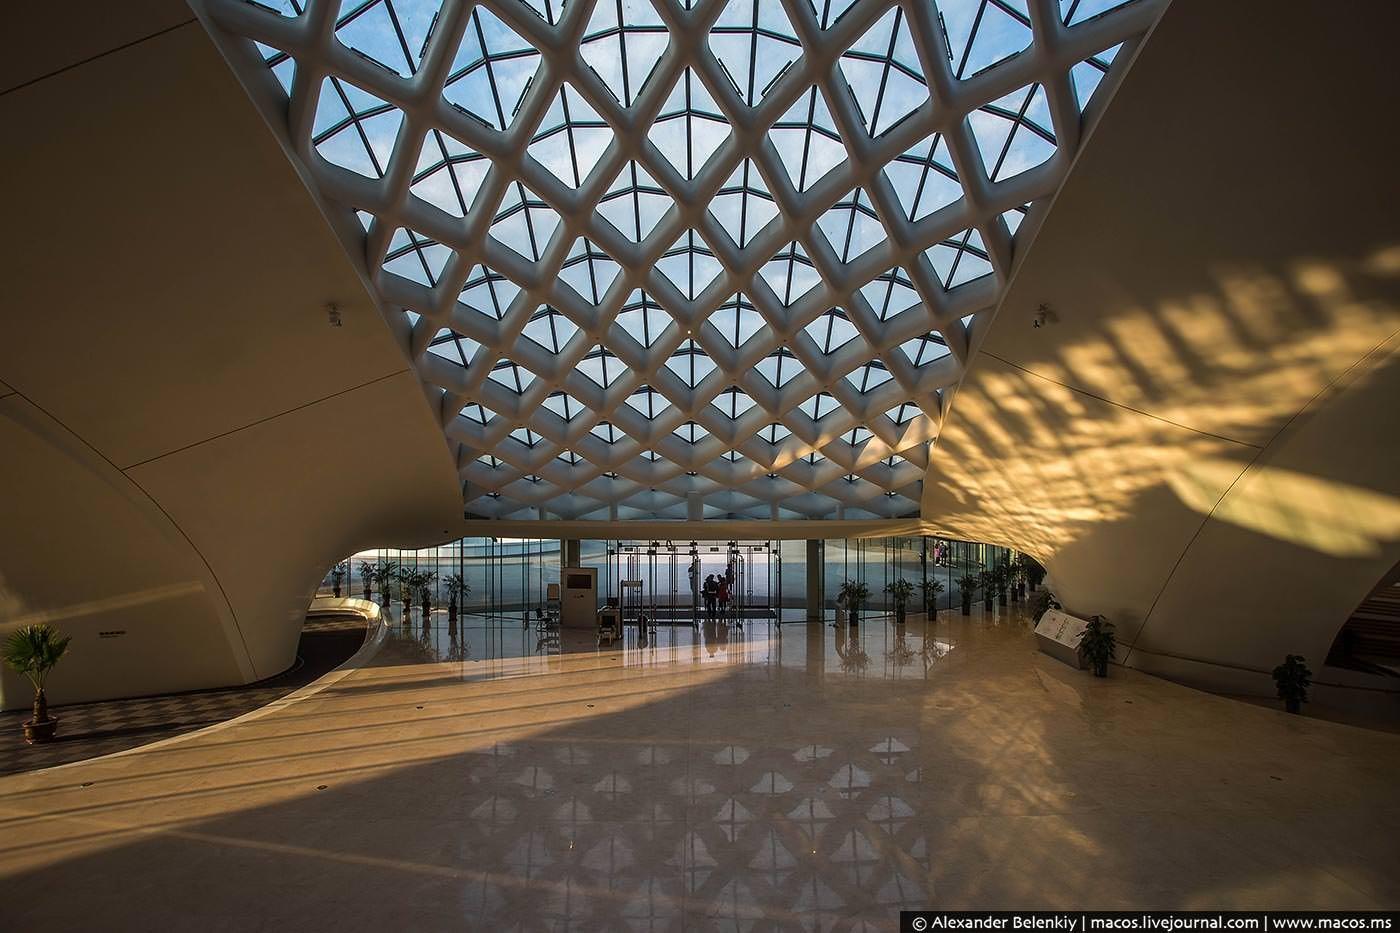 Фото Харбинский оперный театр . China, Heilongjiang Sheng, Haerbin Shi, Unnamed Road